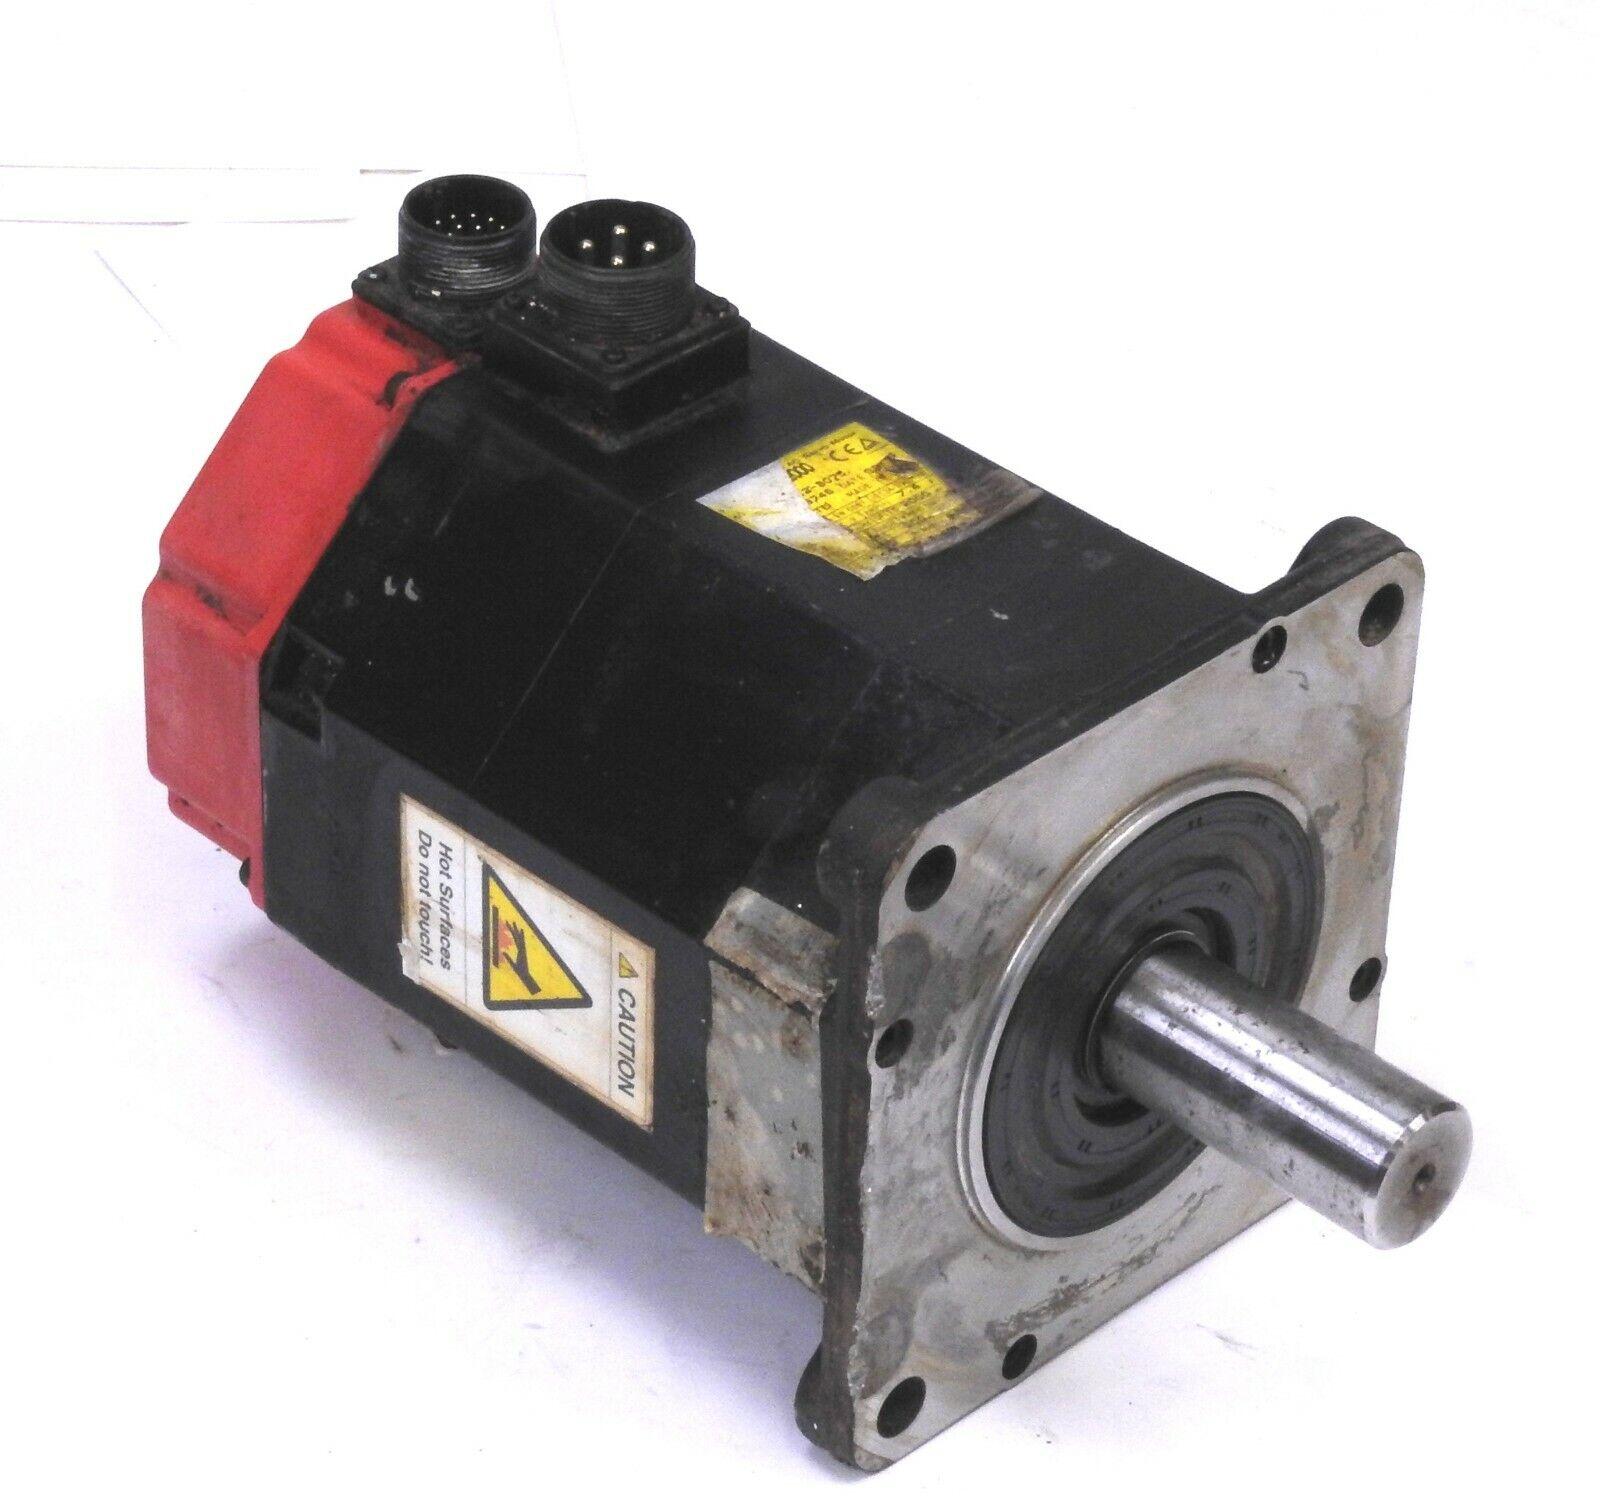 Fanuc Servo Motor α12/200 A06B-0142-B075